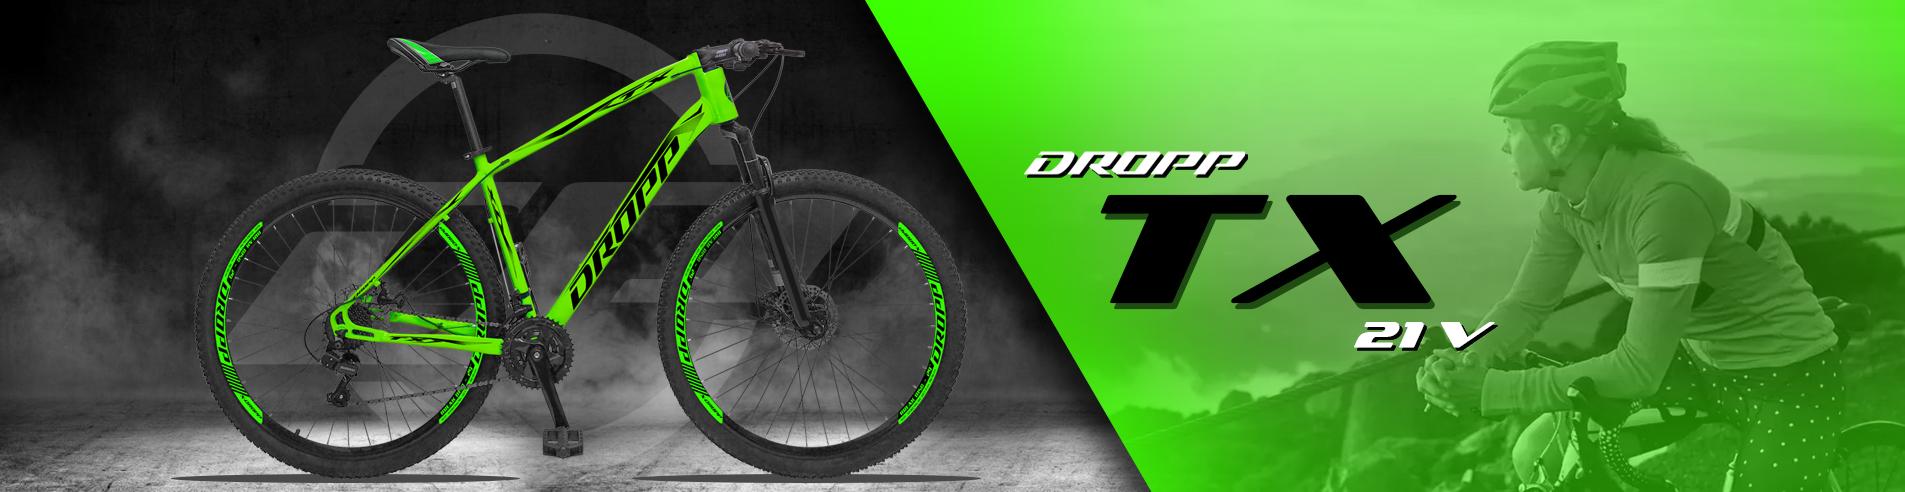 dropp tx